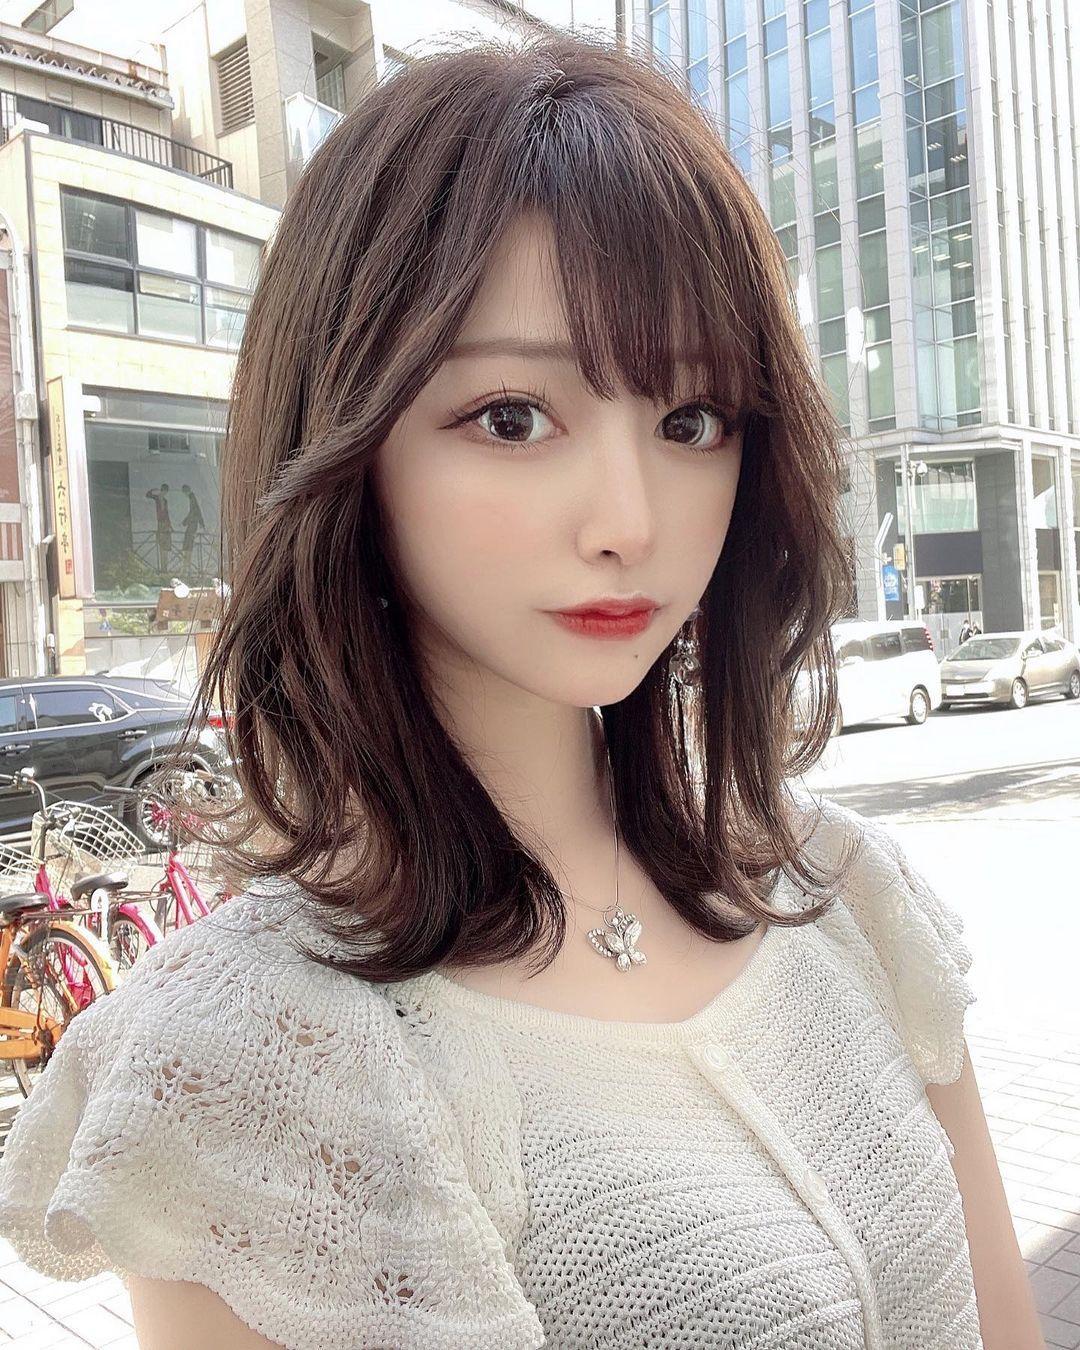 正翻了.名古屋「美女大学生」甜美又有气质,纤细小蛮腰超迷人. 日本美女 邻家女孩 美少女 养眼图片 第4张